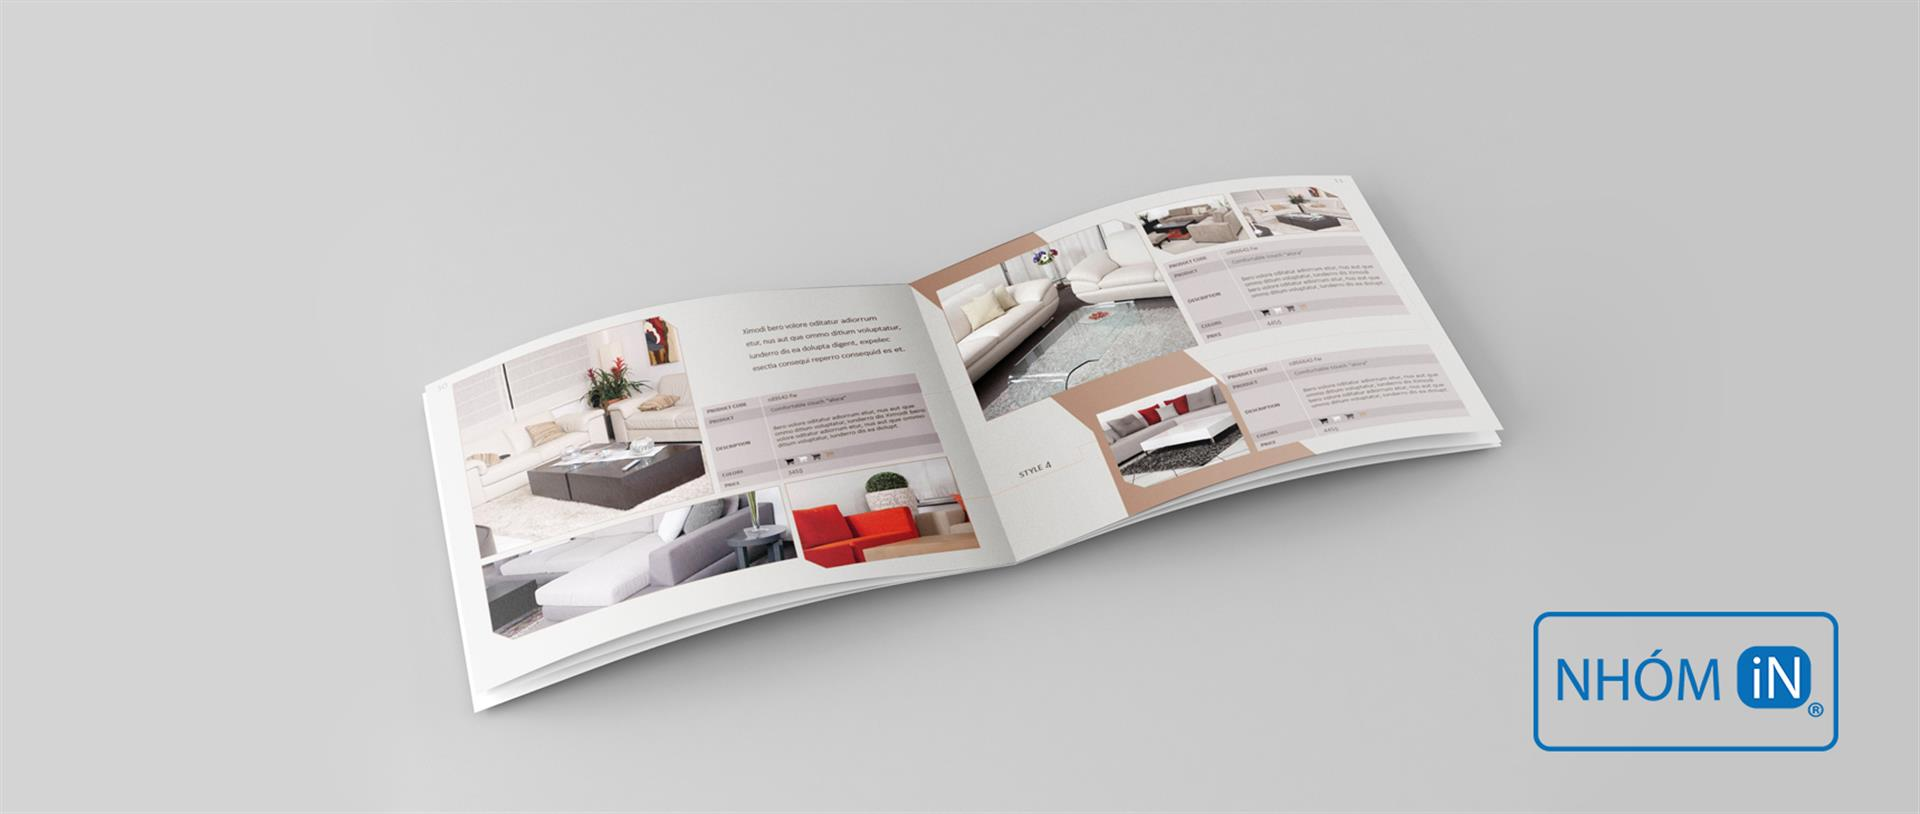 NHÓM IN - Thiết kế in ấn catalogue chuyên nghiệp